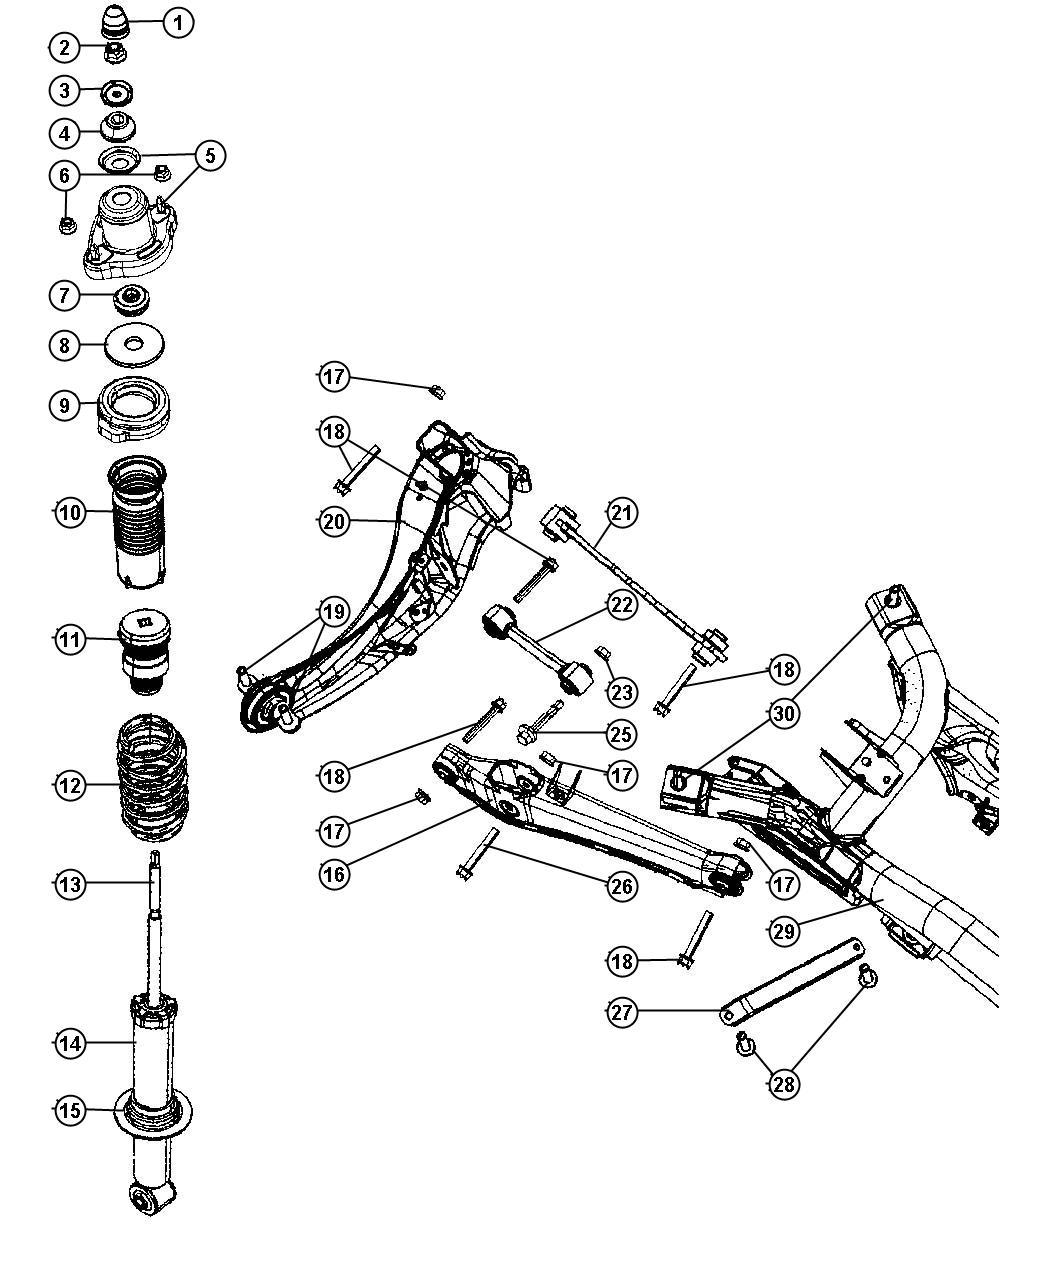 2010 Jeep Patriot Shock absorber. Suspension. Rear. [sdc